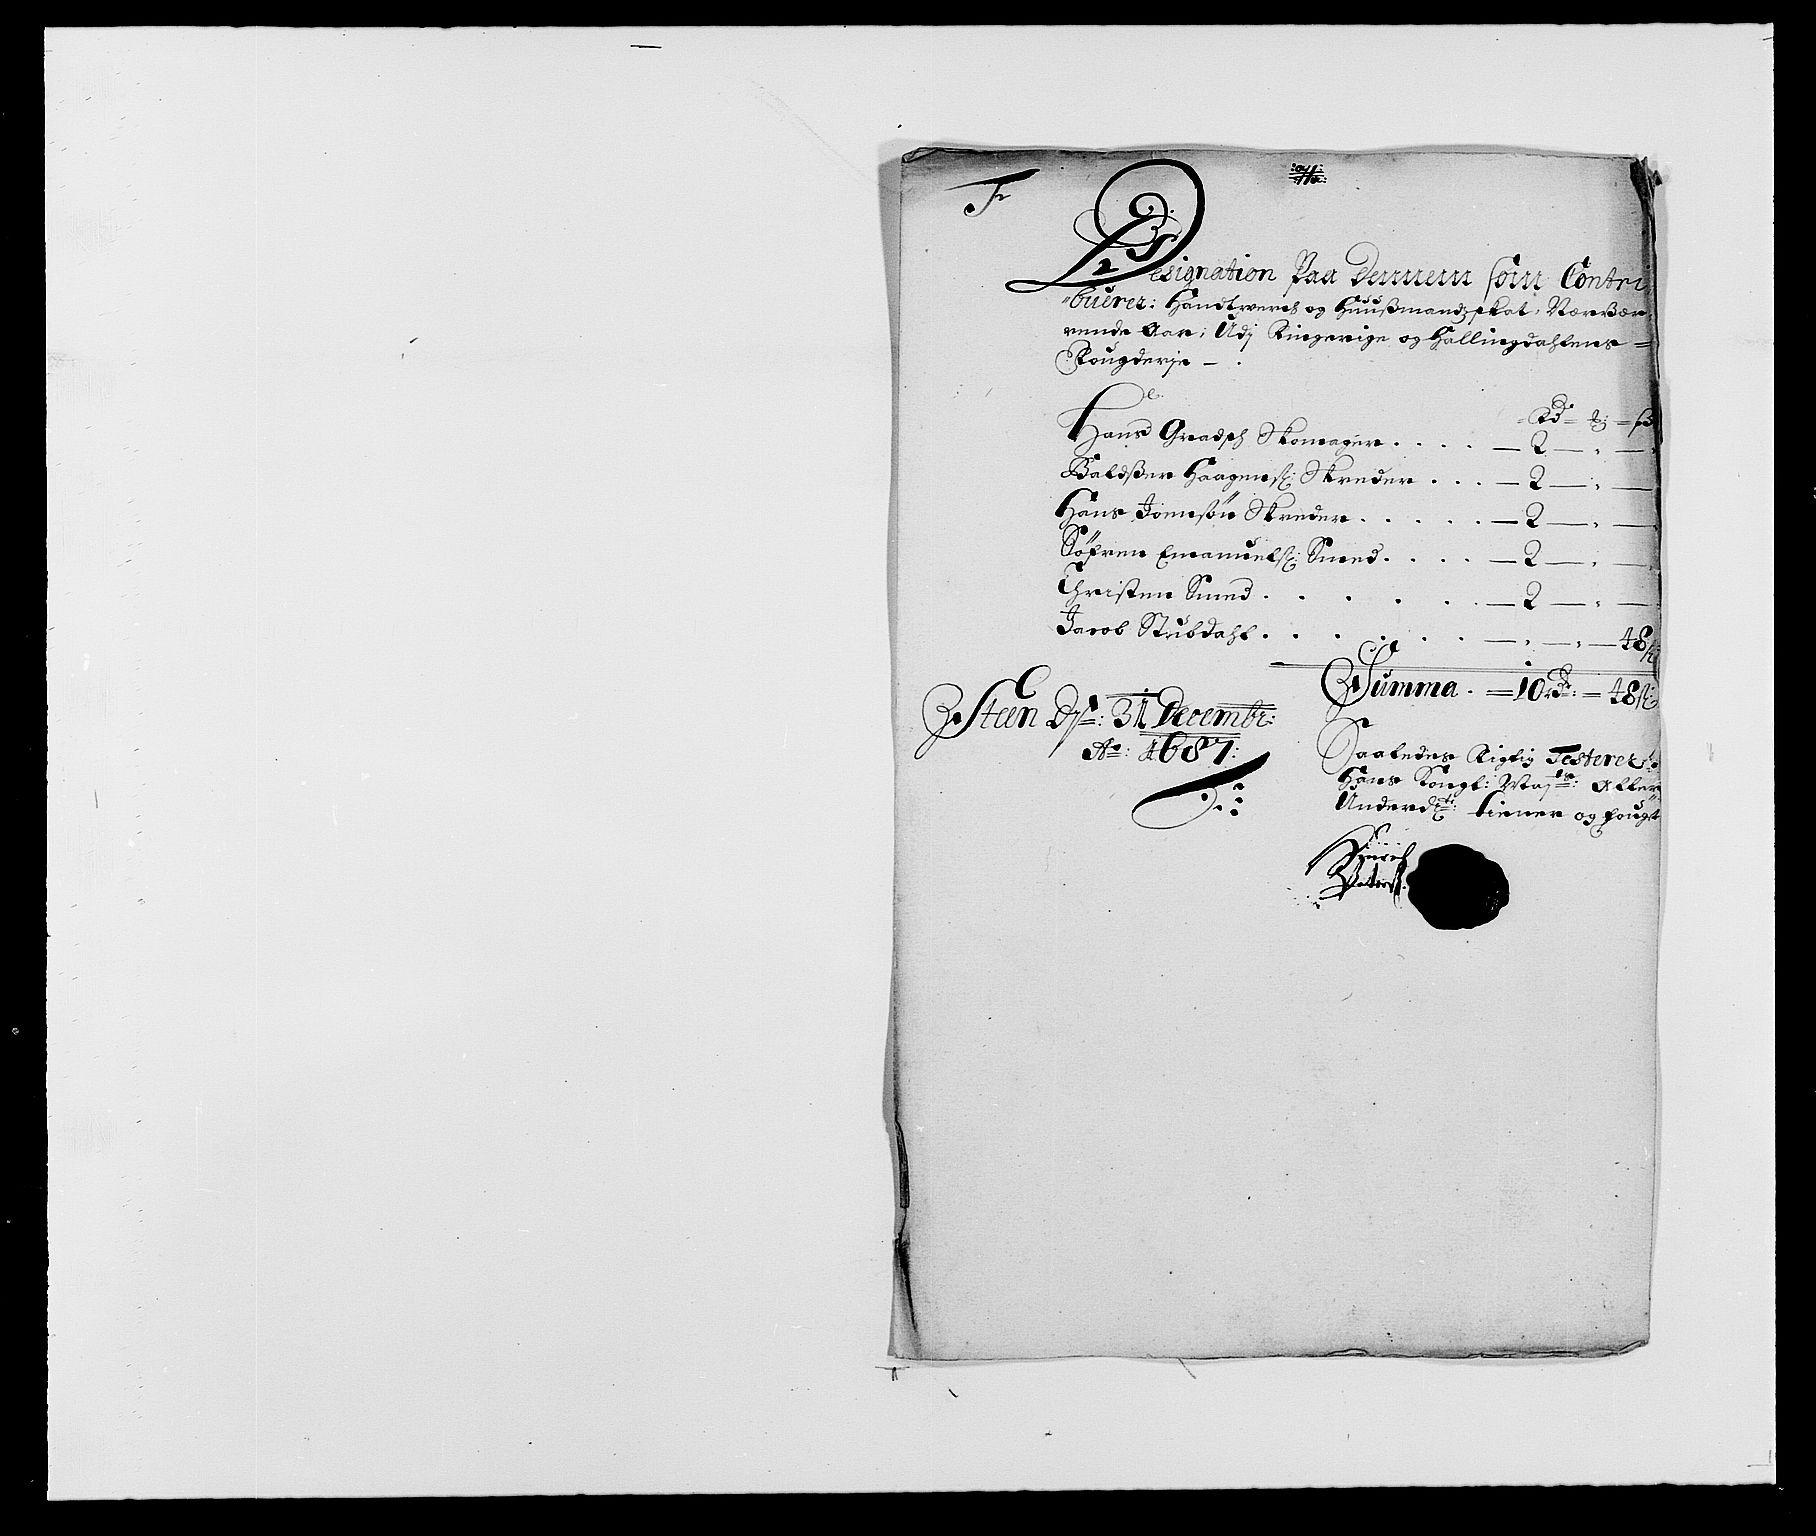 RA, Rentekammeret inntil 1814, Reviderte regnskaper, Fogderegnskap, R21/L1447: Fogderegnskap Ringerike og Hallingdal, 1687-1689, s. 58